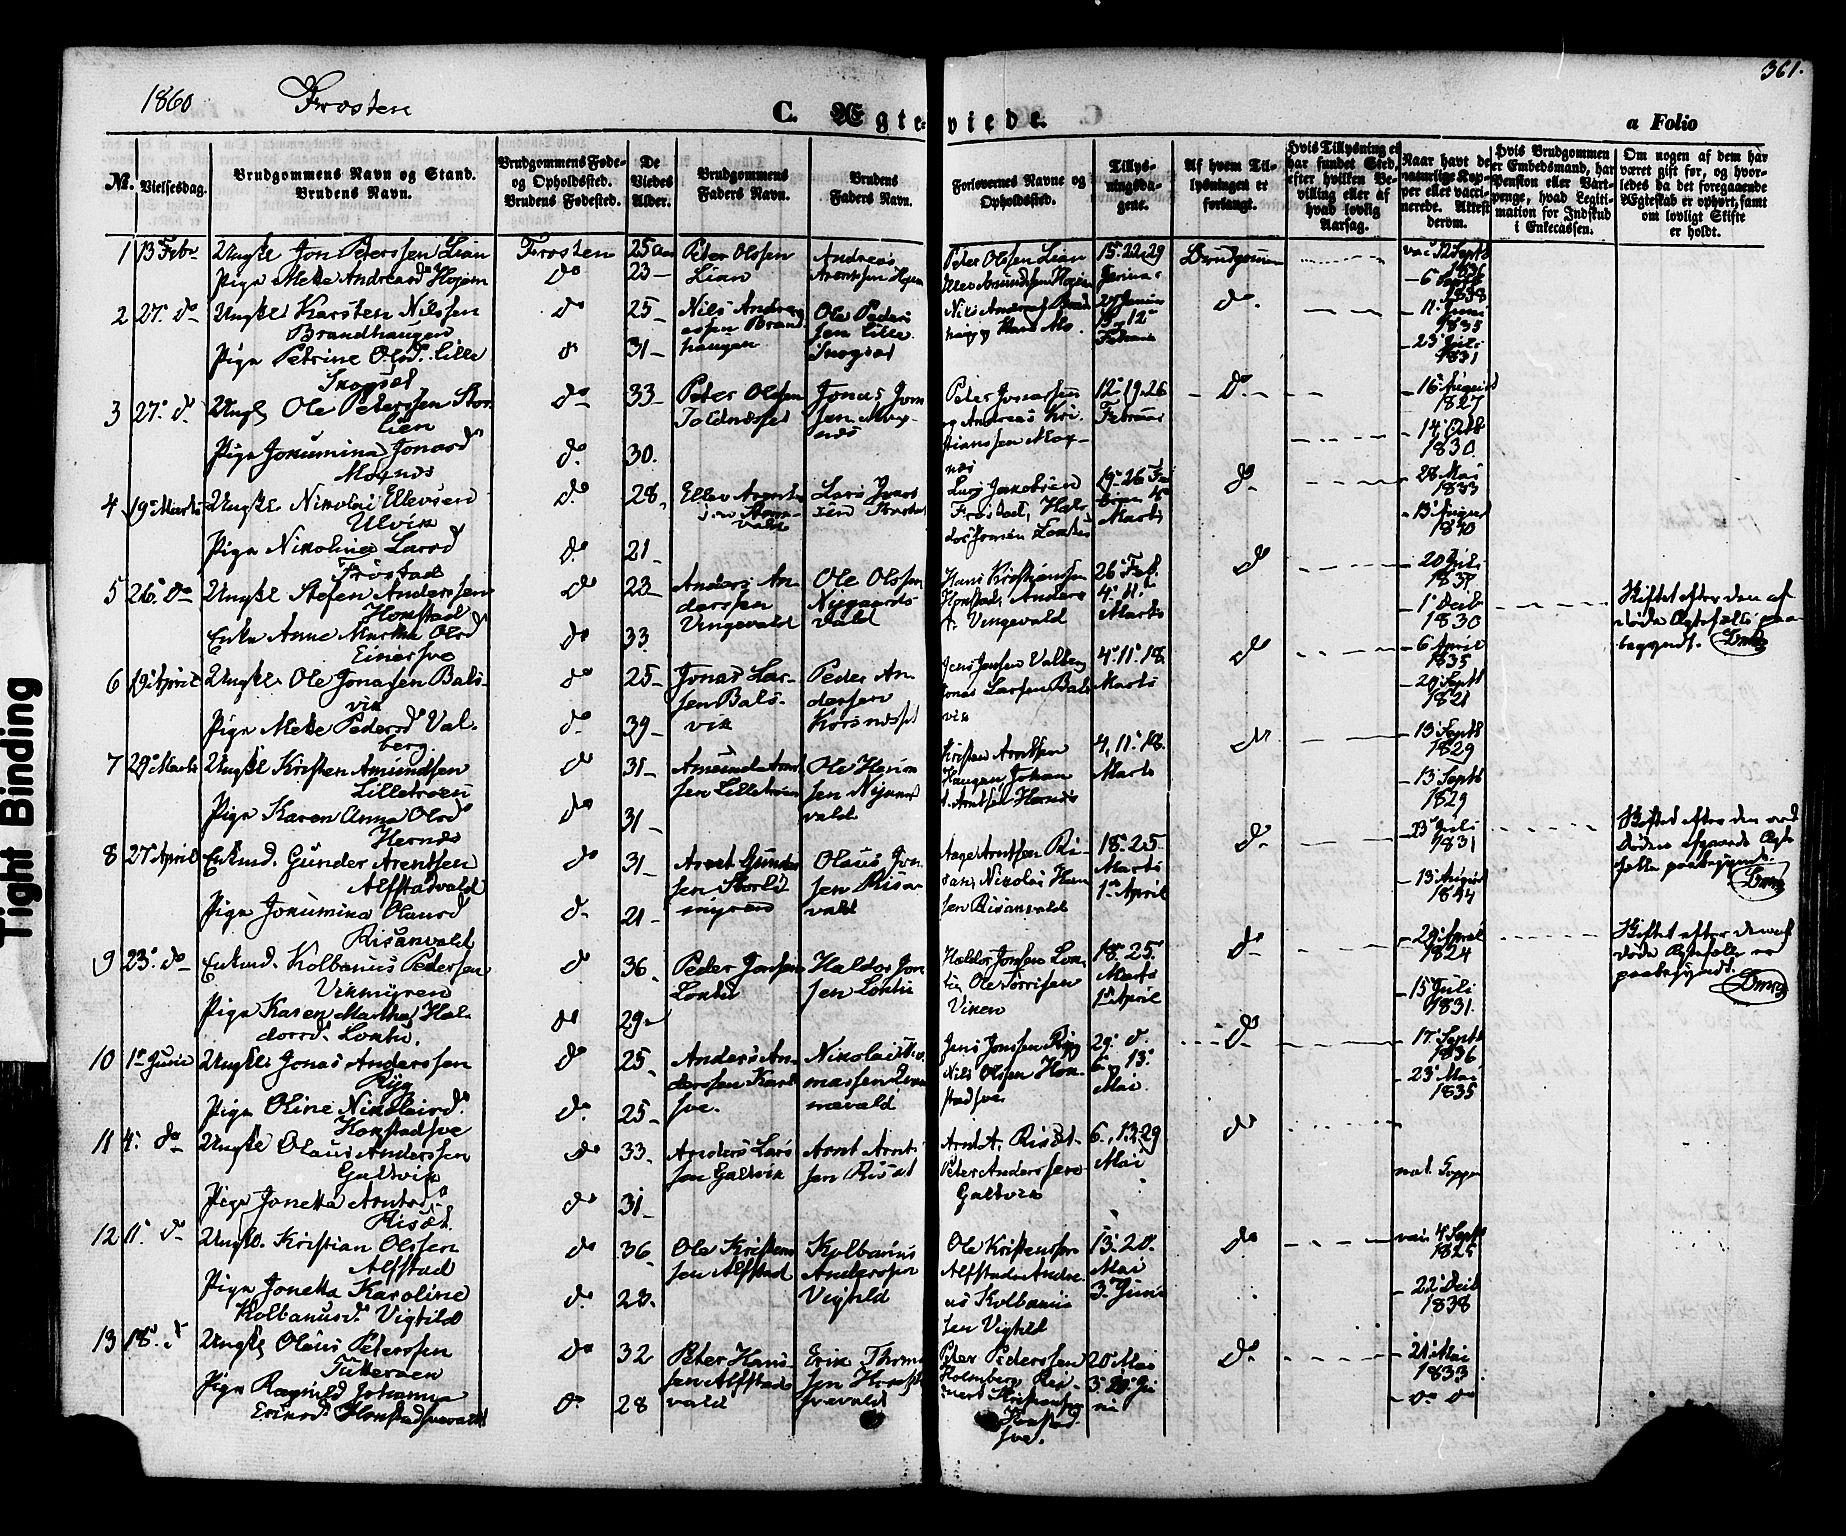 SAT, Ministerialprotokoller, klokkerbøker og fødselsregistre - Nord-Trøndelag, 713/L0116: Ministerialbok nr. 713A07 /1, 1850-1877, s. 361